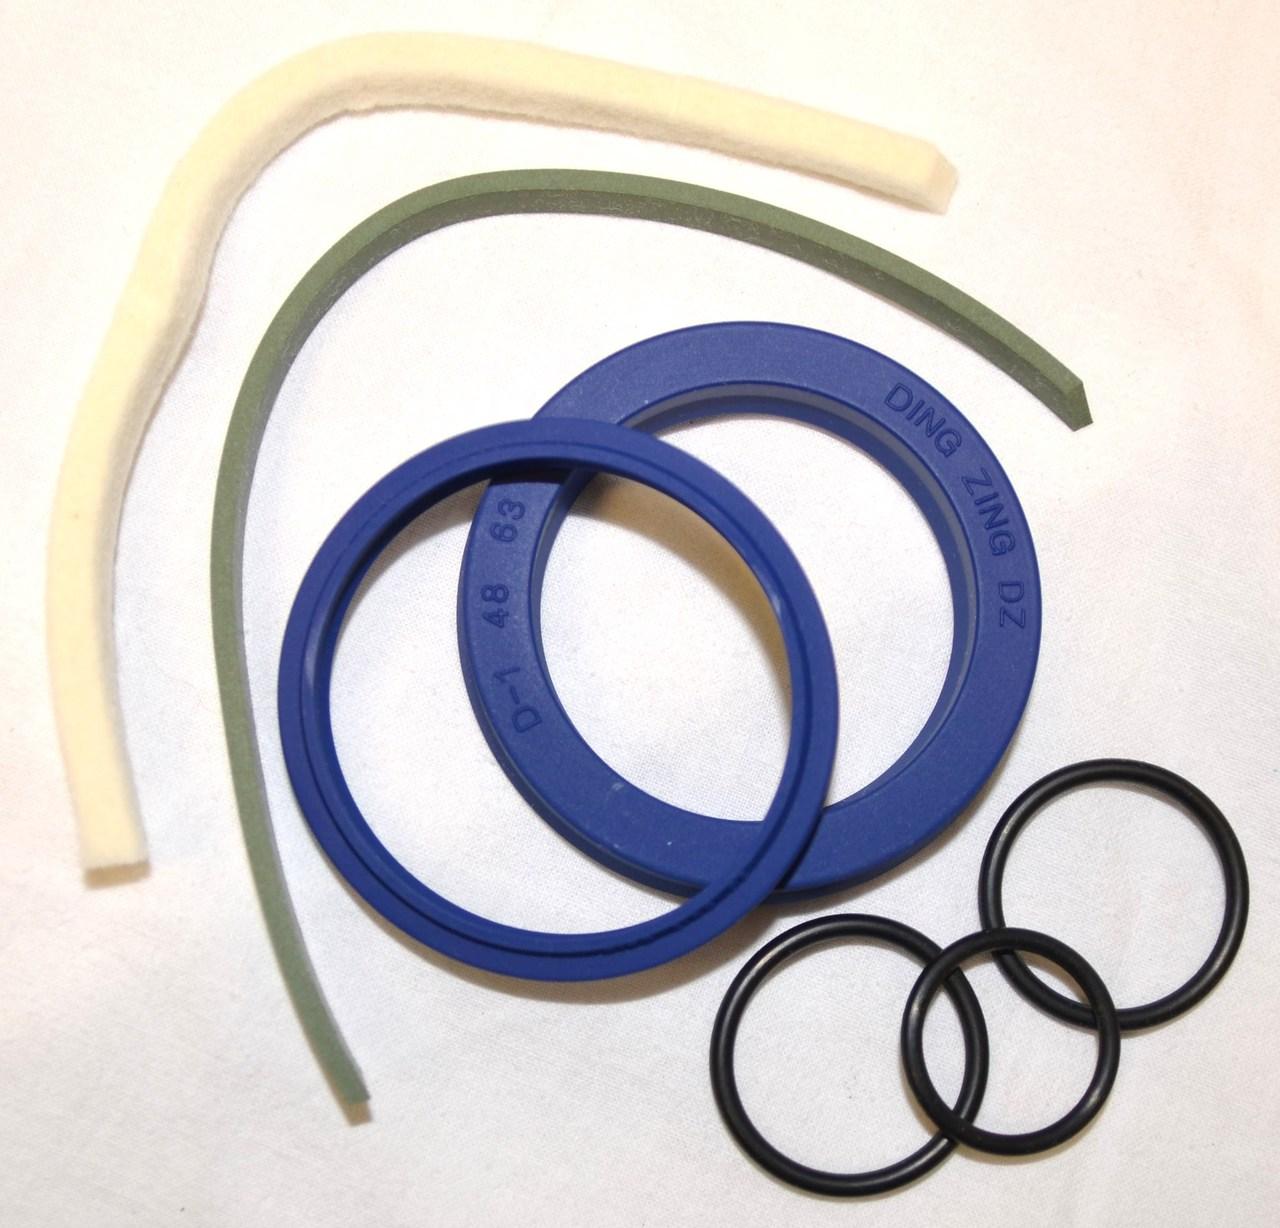 Cylinder Seal Kit for Lift Model GL-9 ETL Certified Cylinder.